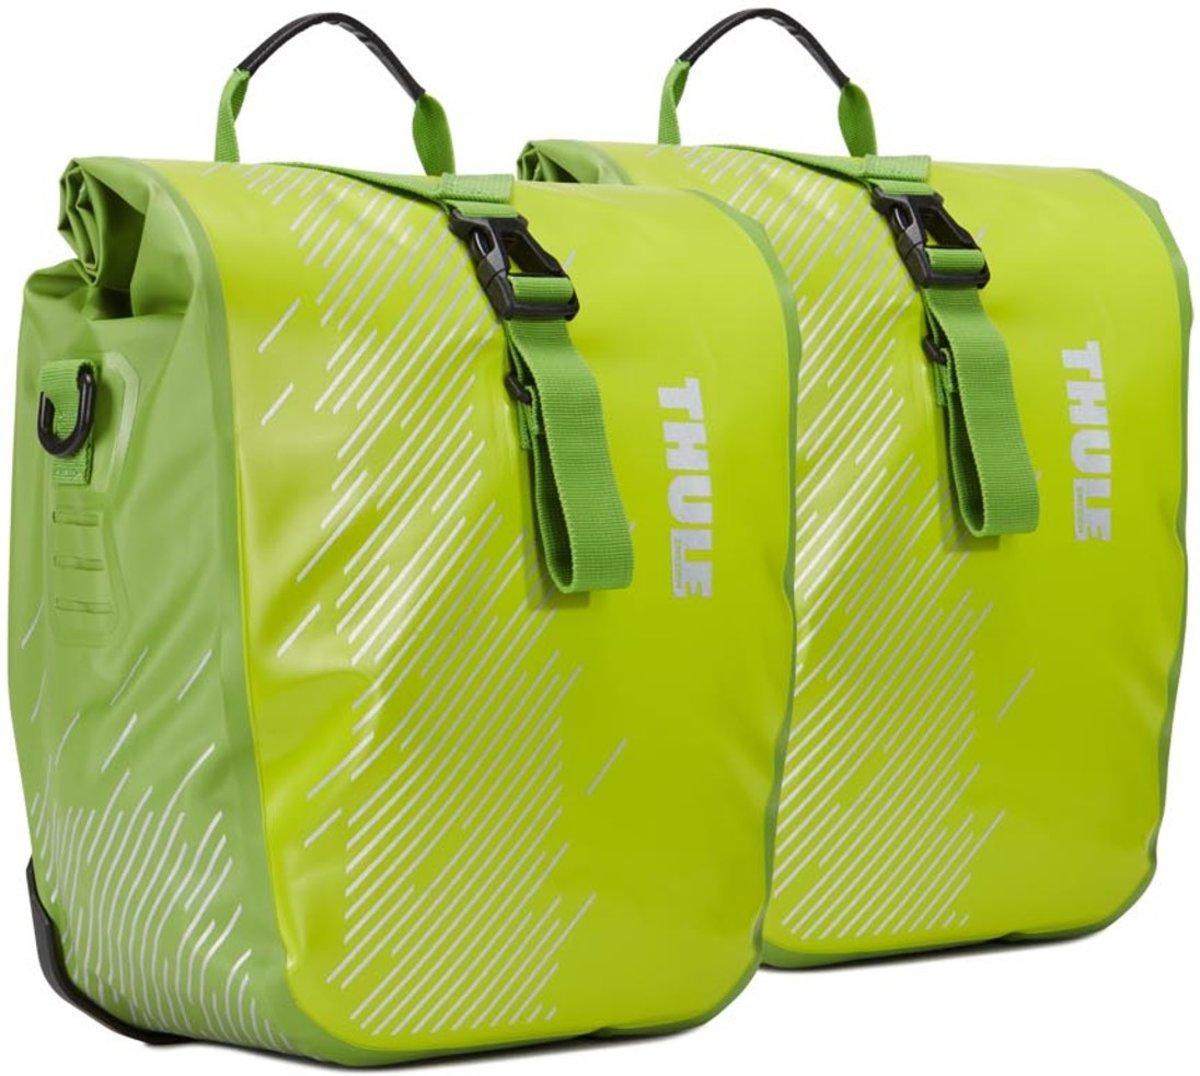 Thule Shield Pannier Small Dubbele Fietstas - 28 liter - Groen